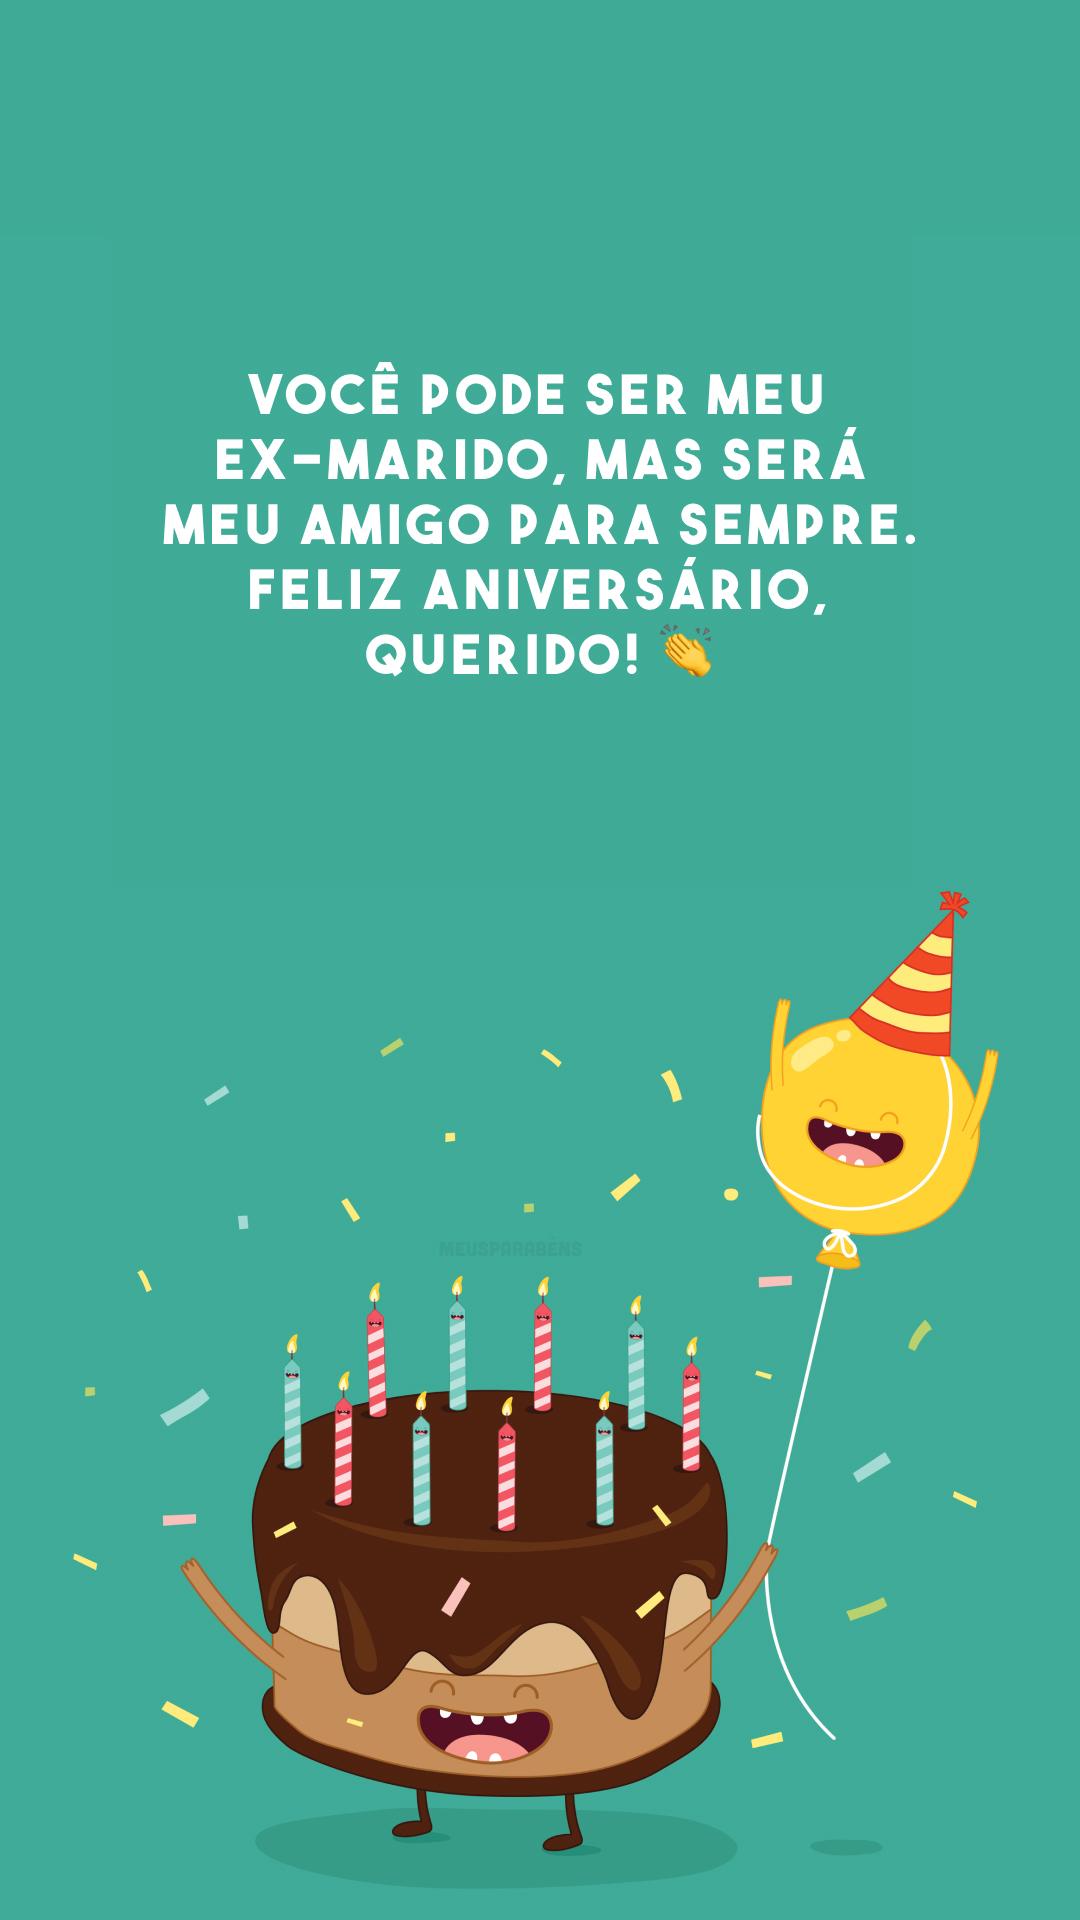 Você pode ser meu ex-marido, mas será meu amigo para sempre. Feliz aniversário, querido! 👏